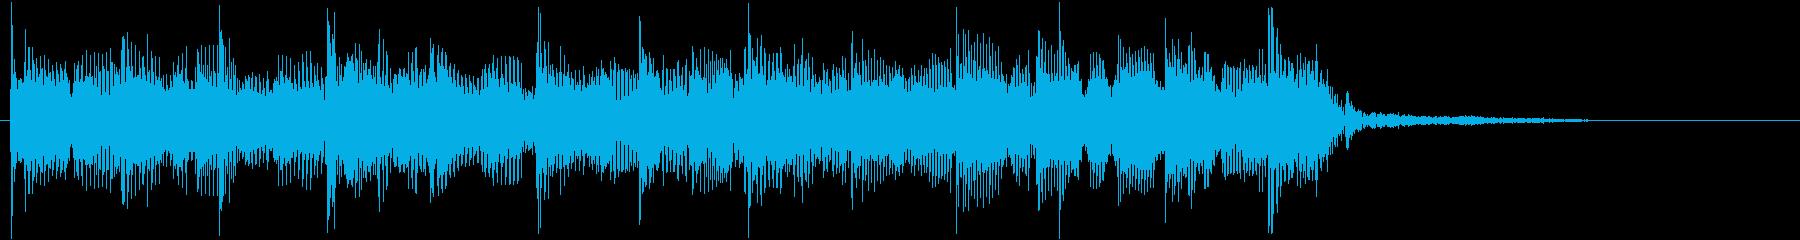 ベースとドラムによるバンドサウンド曲の再生済みの波形